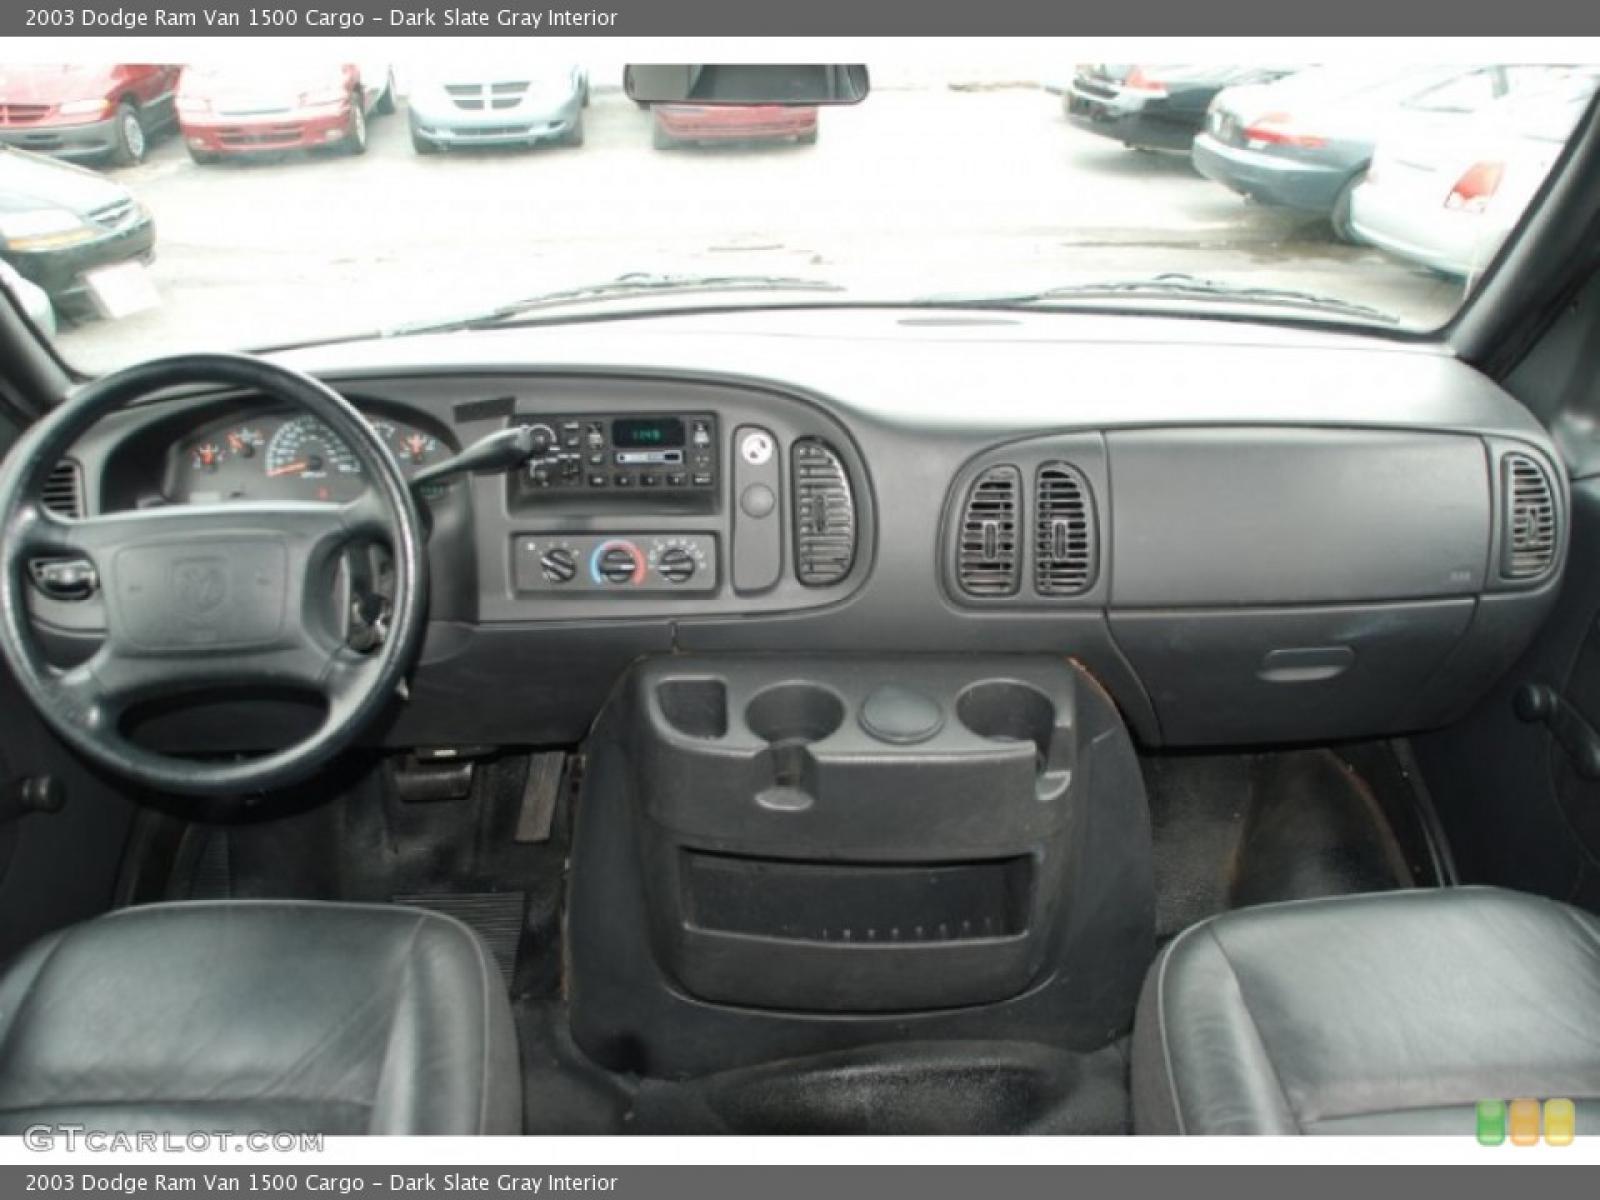 800 1024 1280 1600 Origin 2003 Dodge Ram